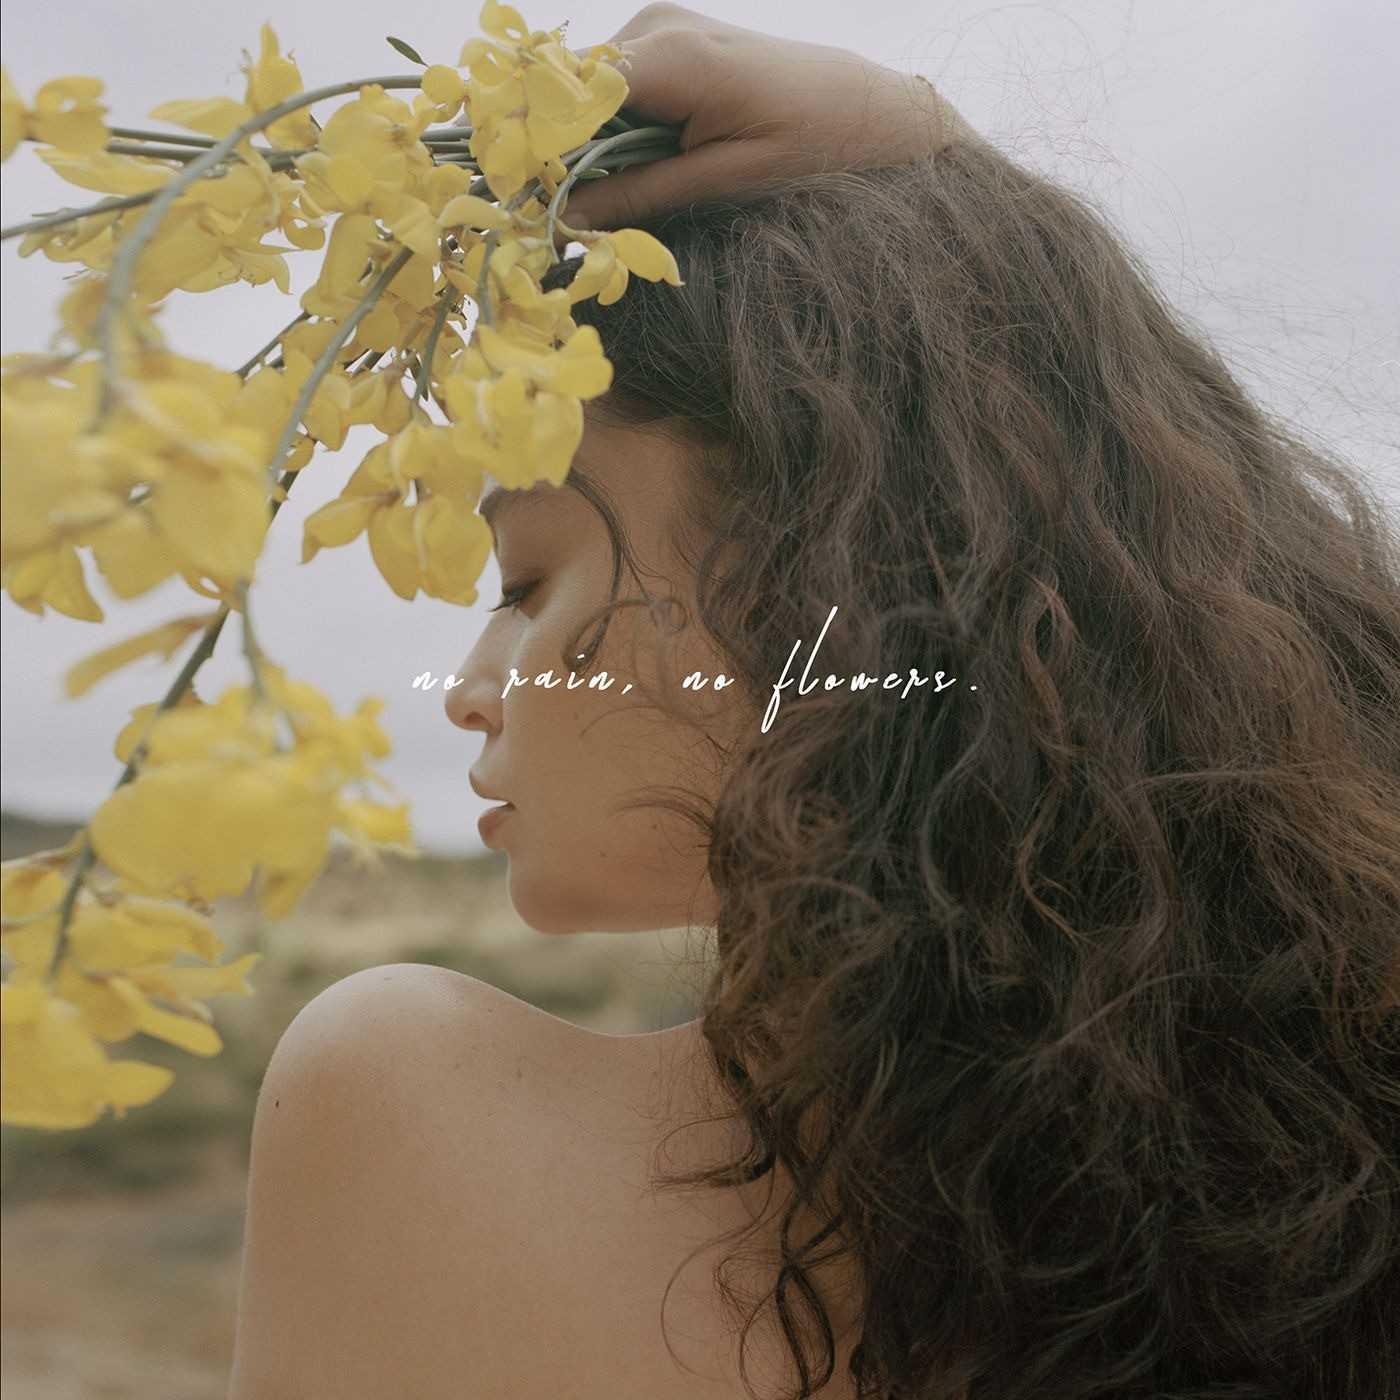 ALBUM STREAM: SABRINA CLAUDIO | NO RAIN, NO FLOWERS [AUDIO]